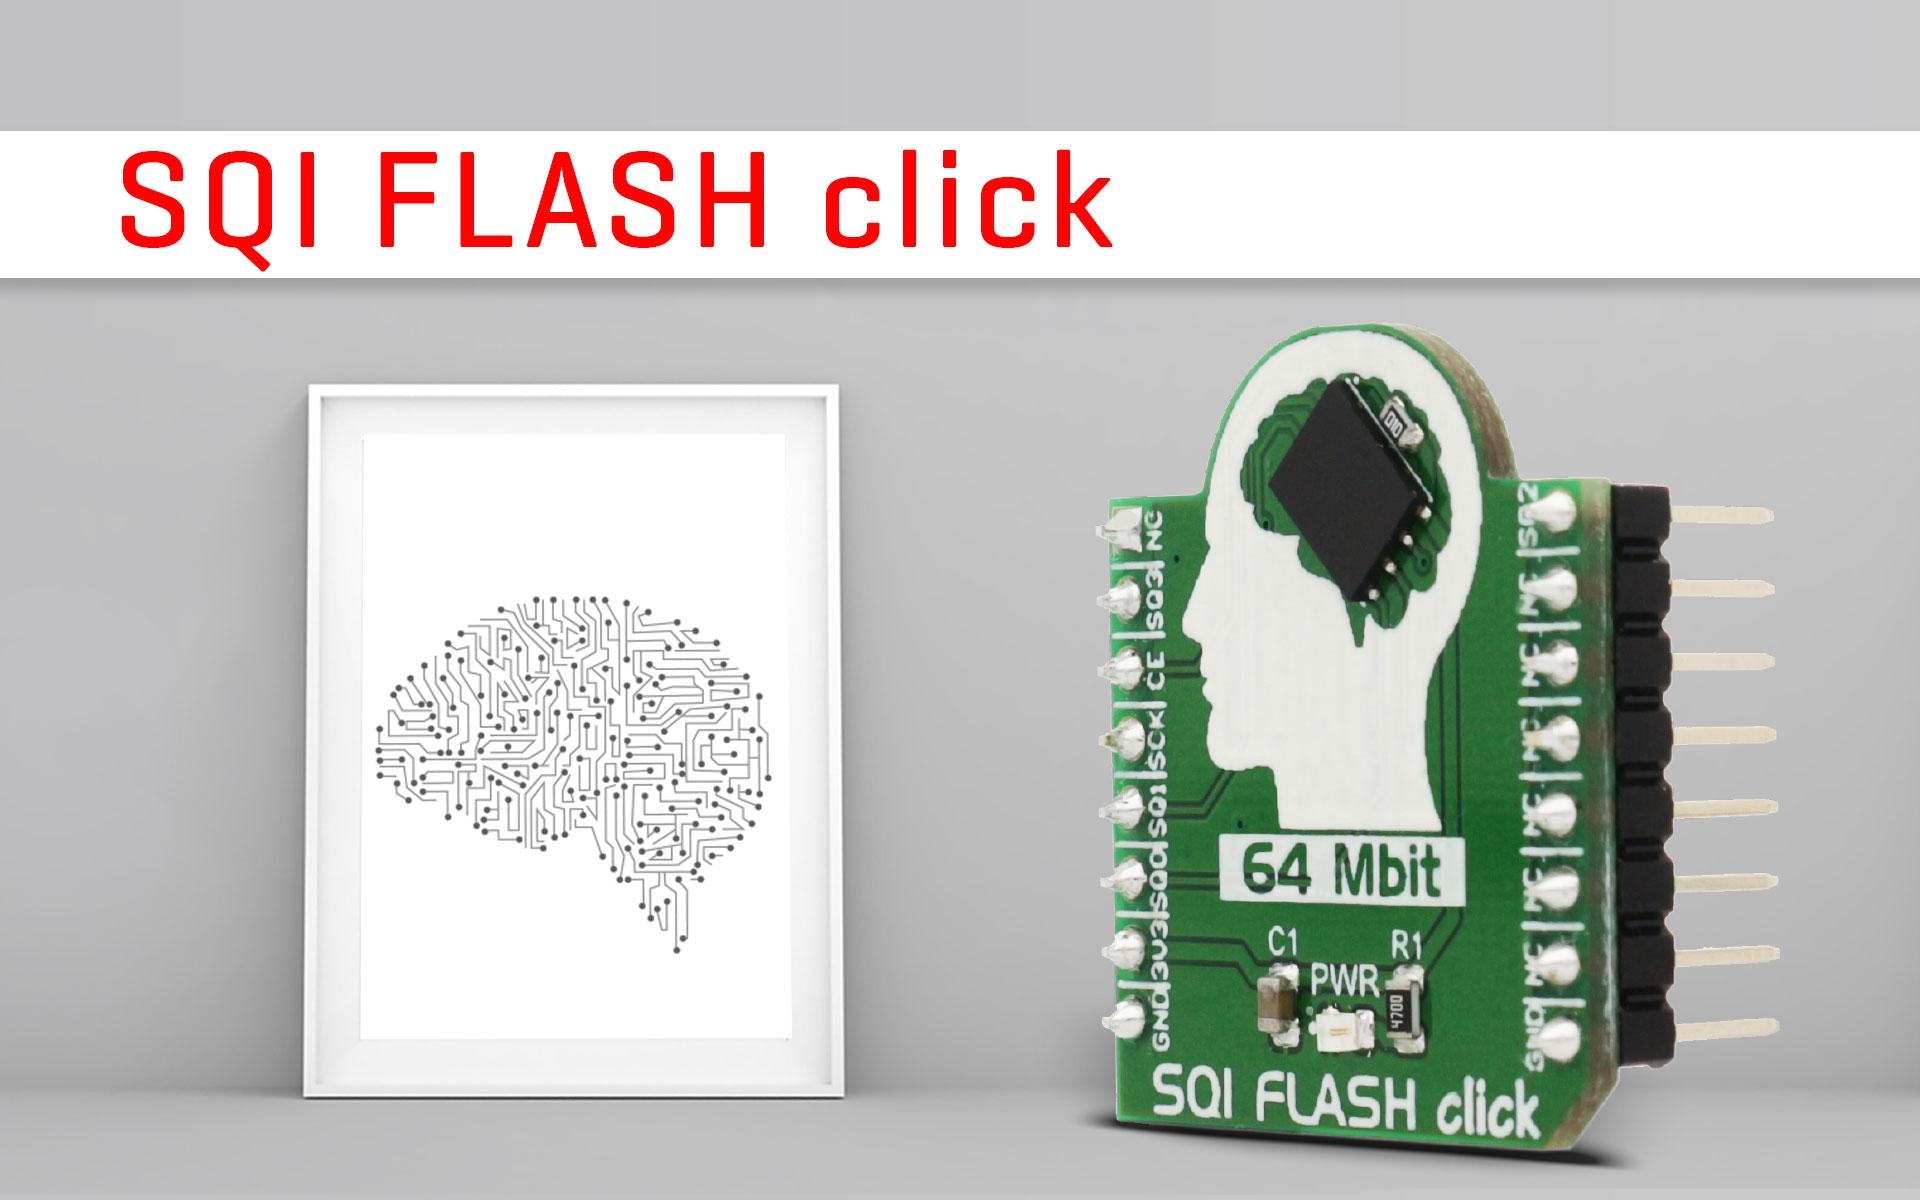 SQI FLASH click - 64 Mbit of non-volatile memory